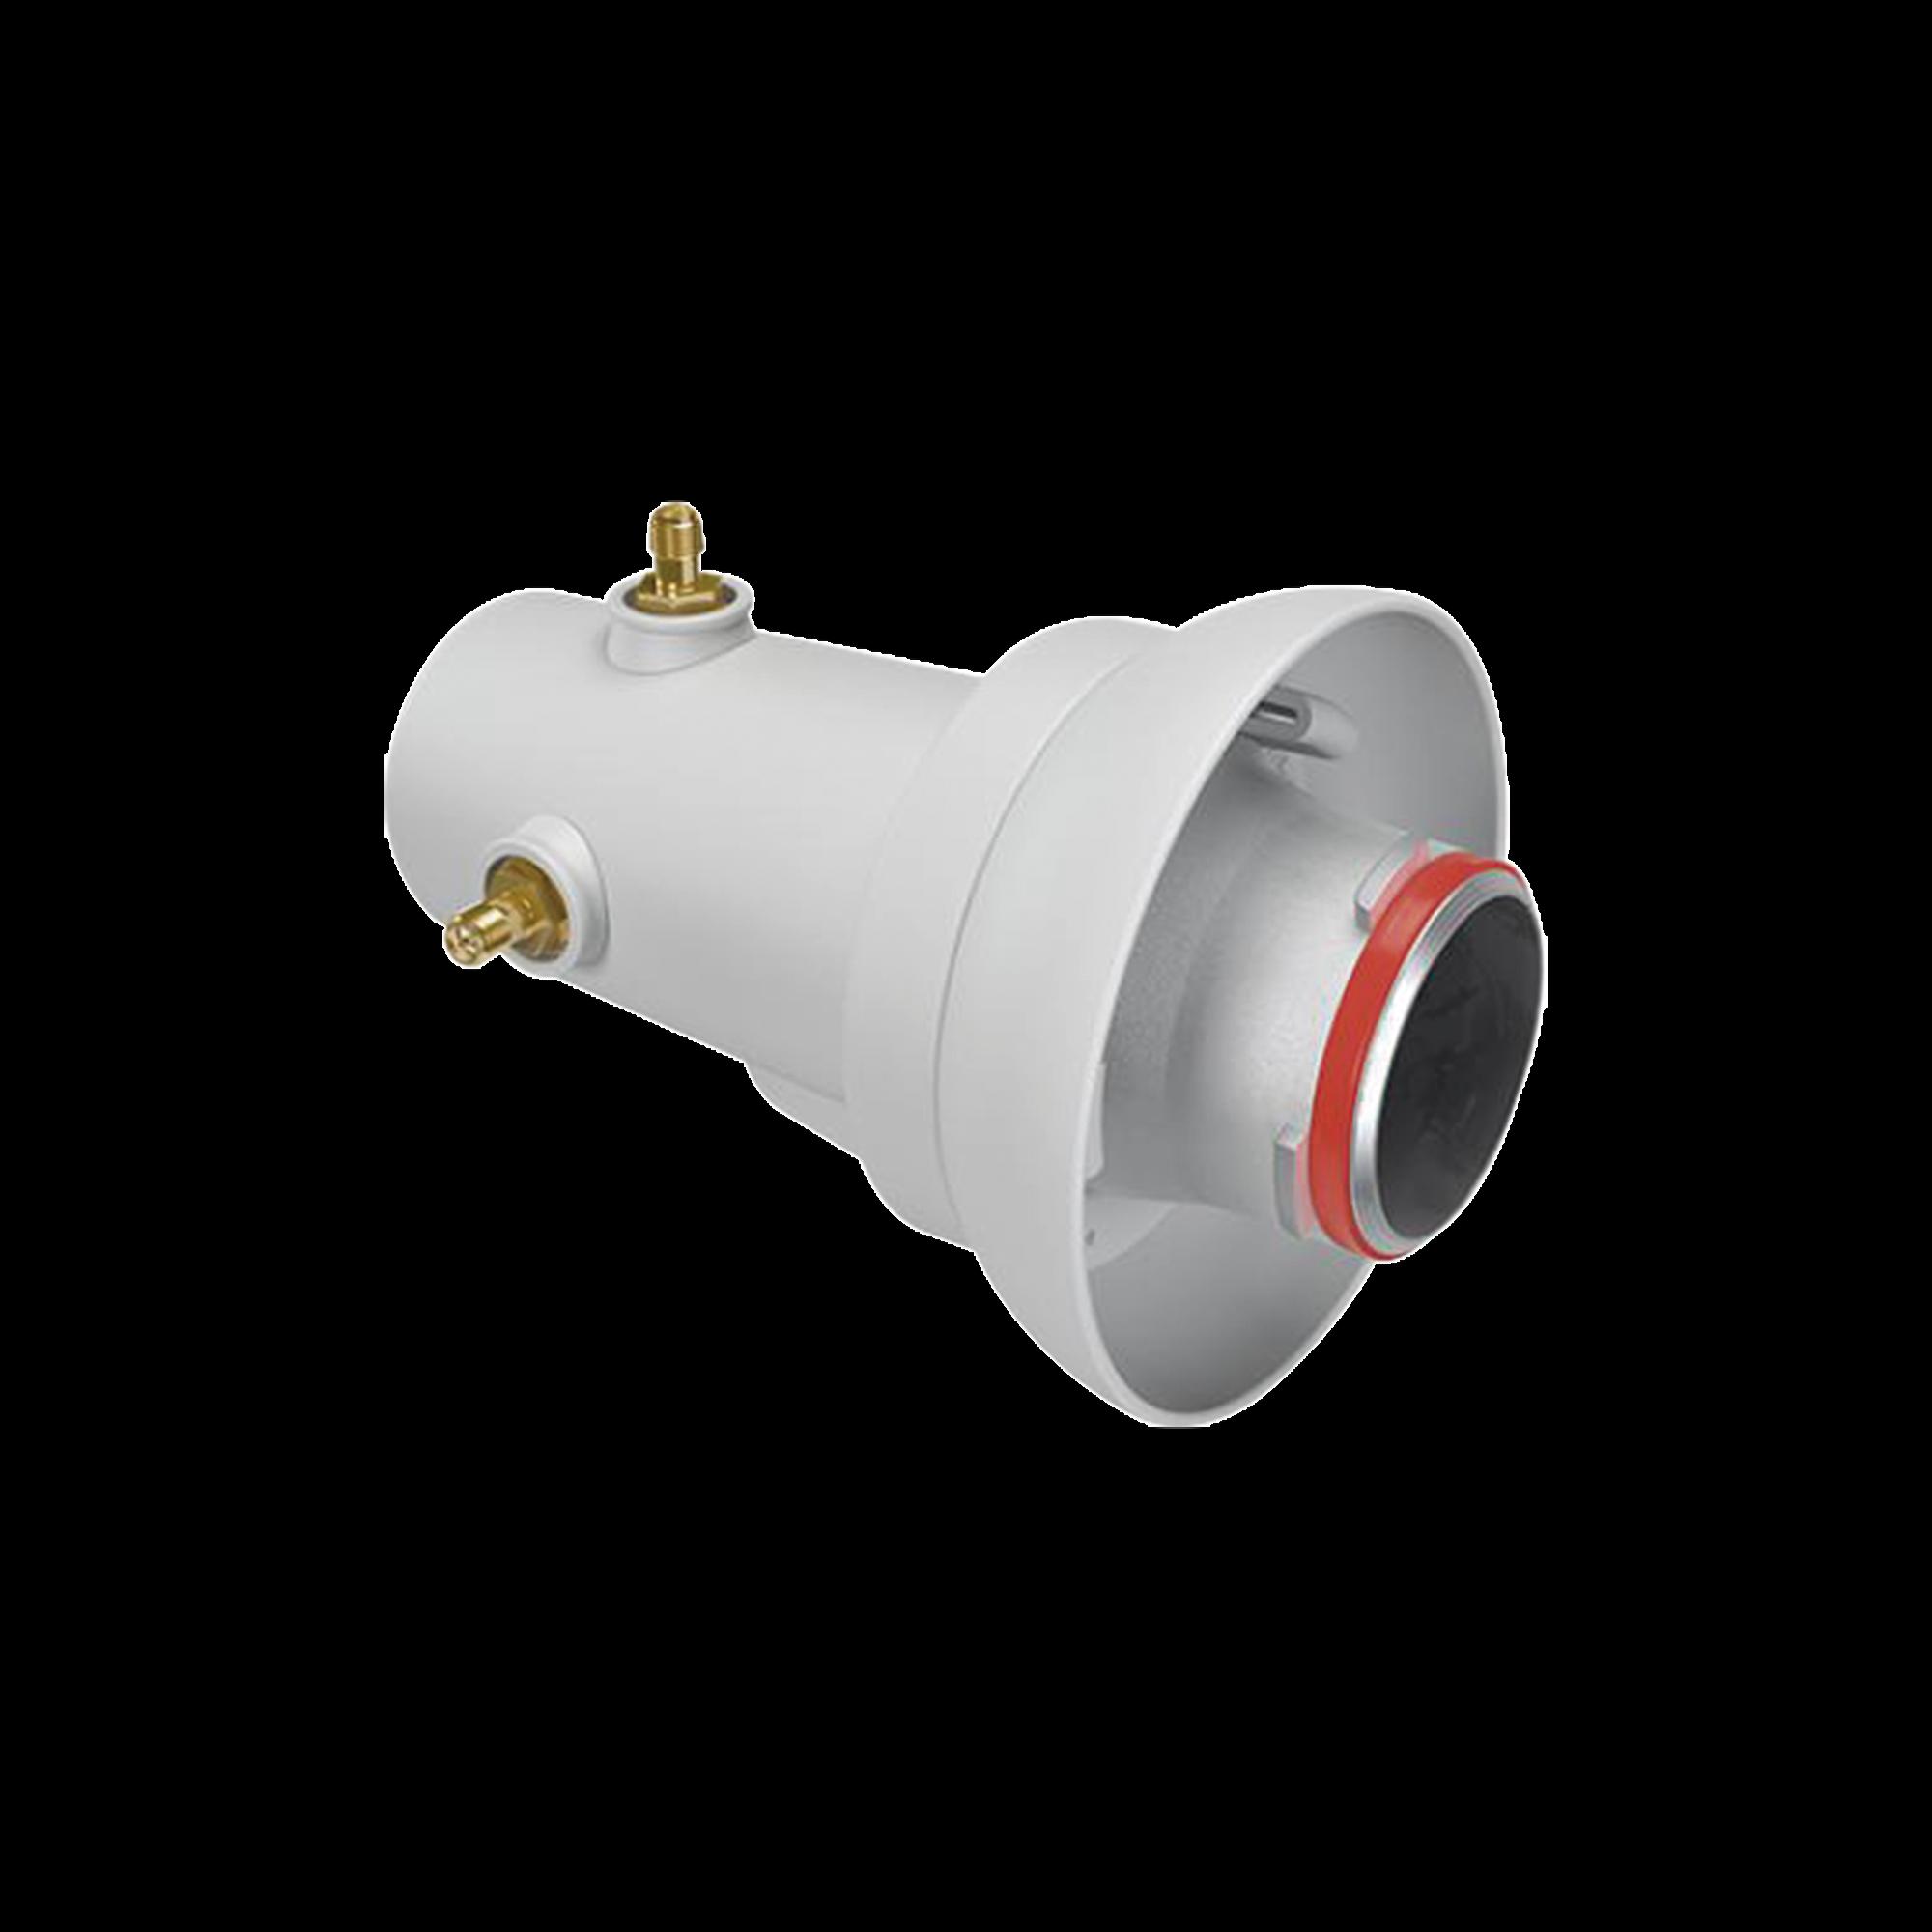 Adaptador TwistPort conectorizado SMA 5180-6400 MHz de baja perdida para antenas tipo cuerno